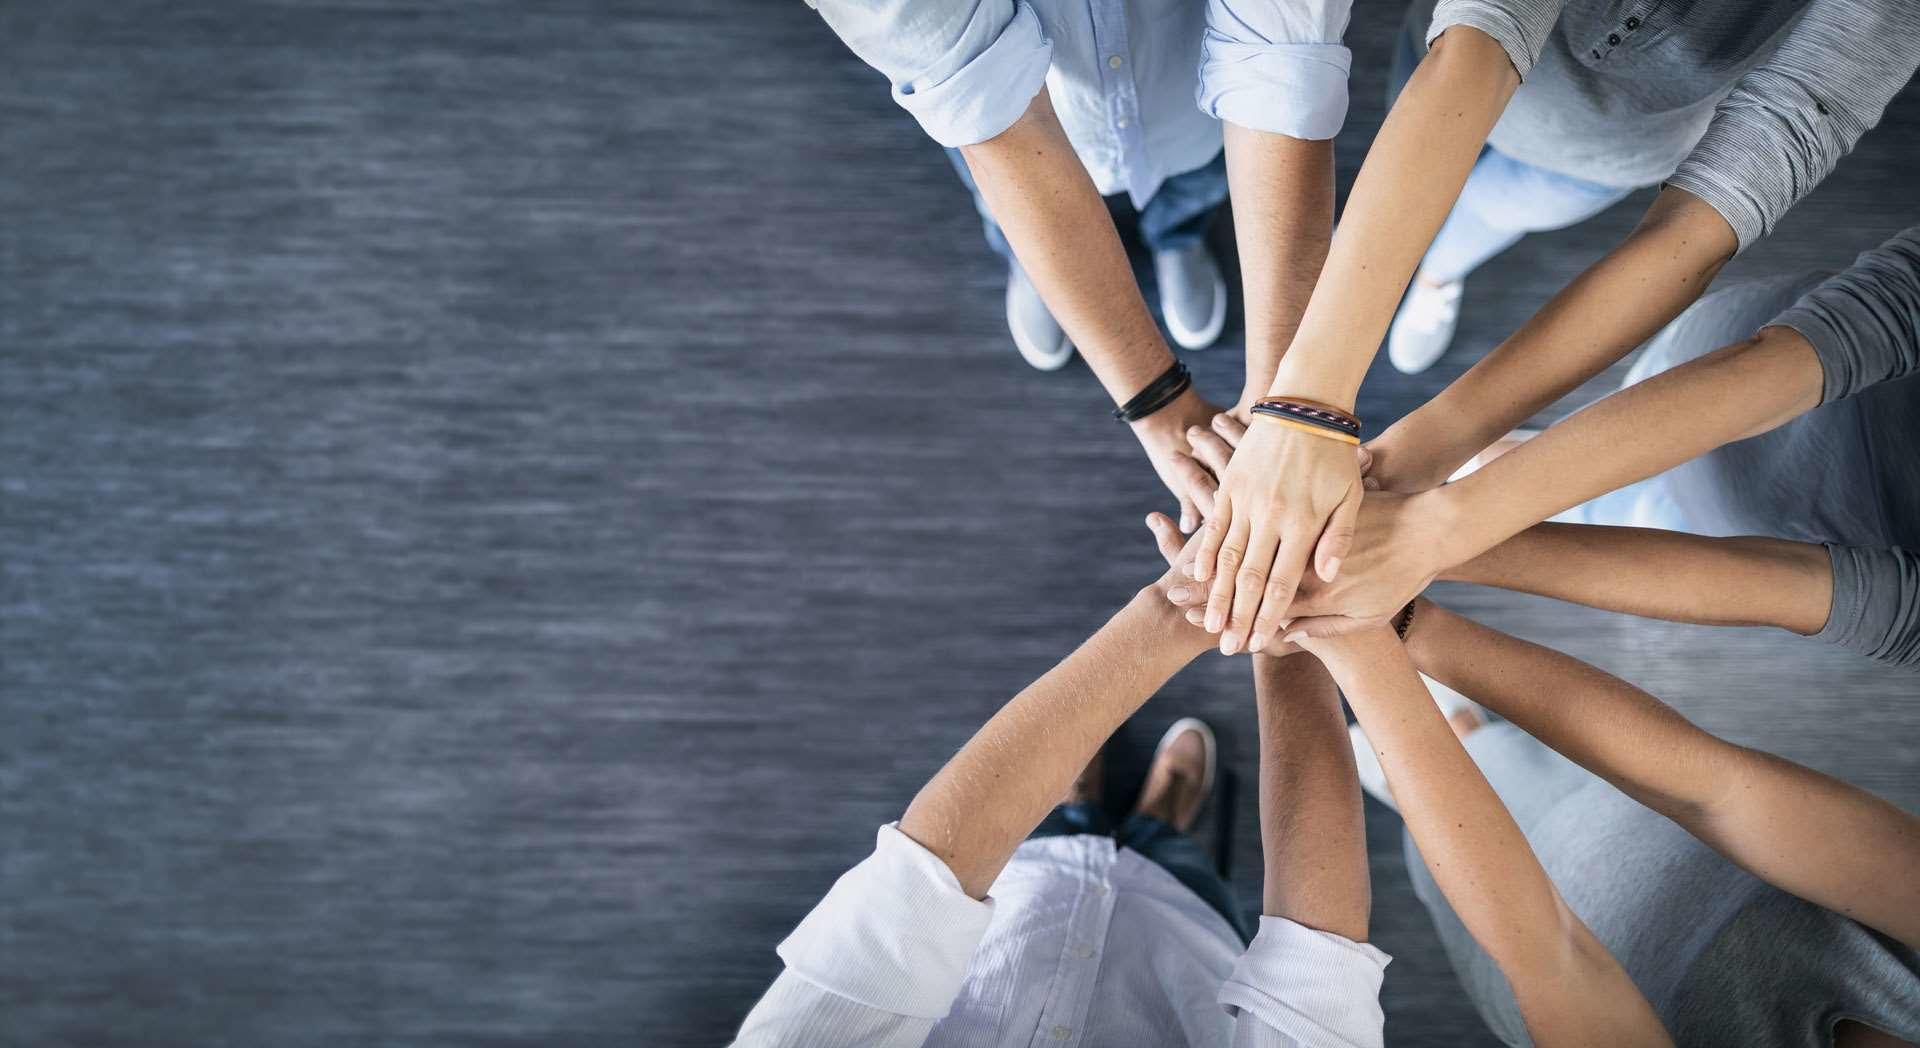 ТОП-5 навыков успешной личности